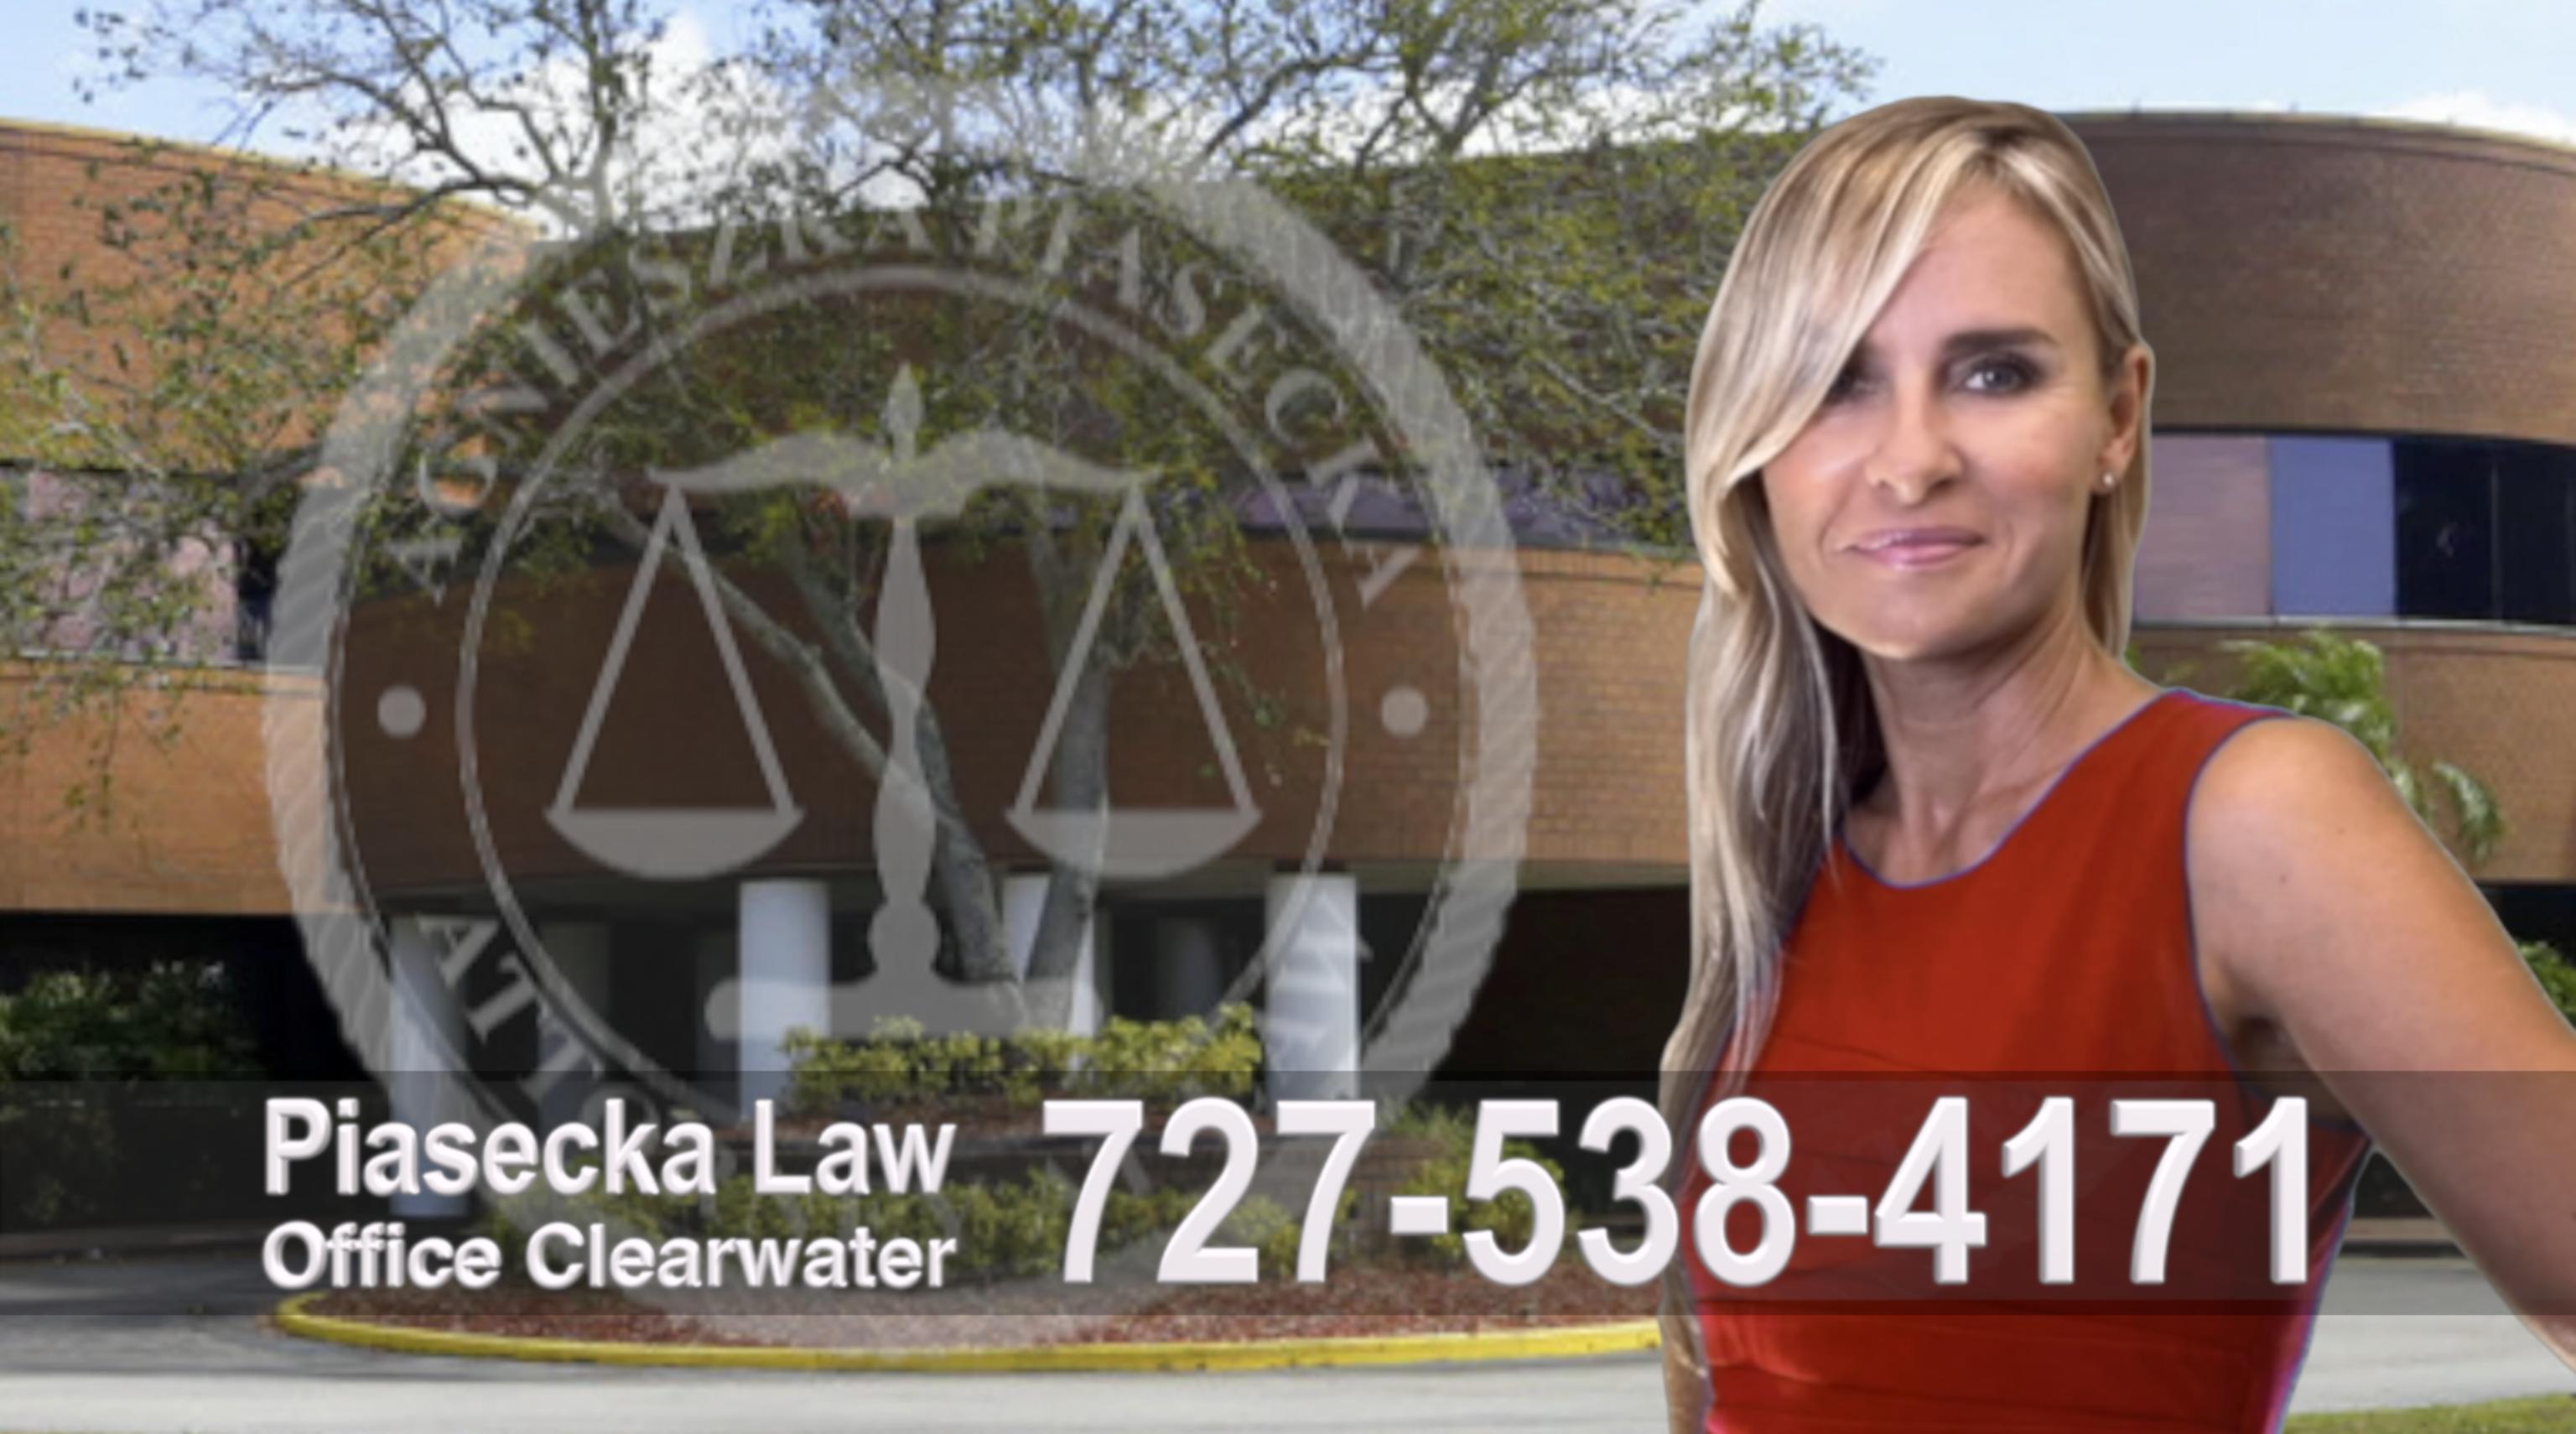 New Port Richey Polski Prawnik, Attorney, Lawyer, Polish, Agnieszka Piasecka, Aga Piasecka, Clearwater, Florida, Office address